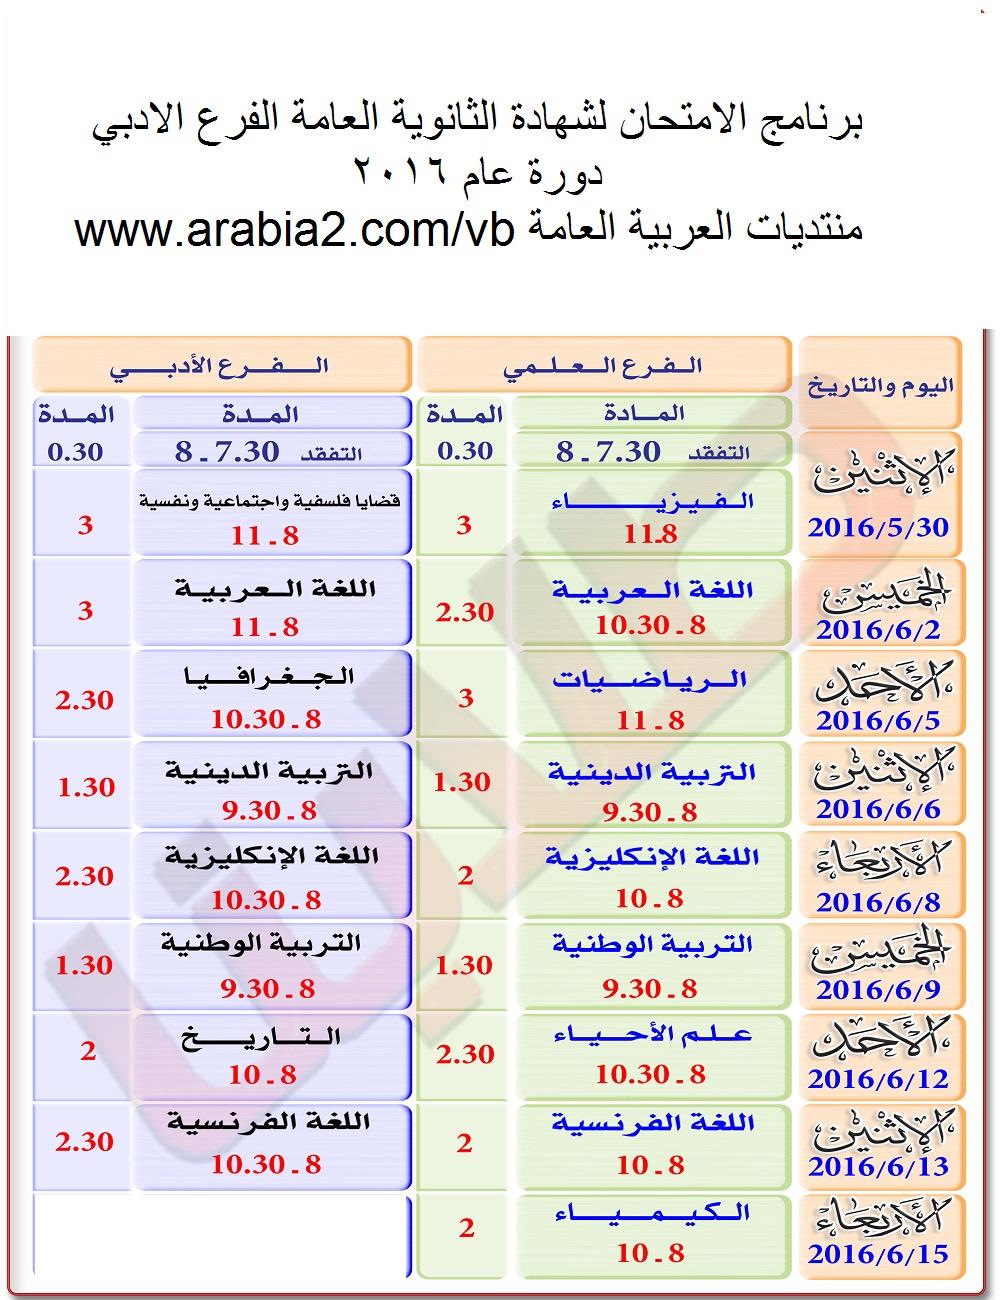 البرنامج العام للامتحانات العامة لشهادة الاساسية و الثانوية و الشرعية 2016 المنهاج السوري 1461264755251.jpg